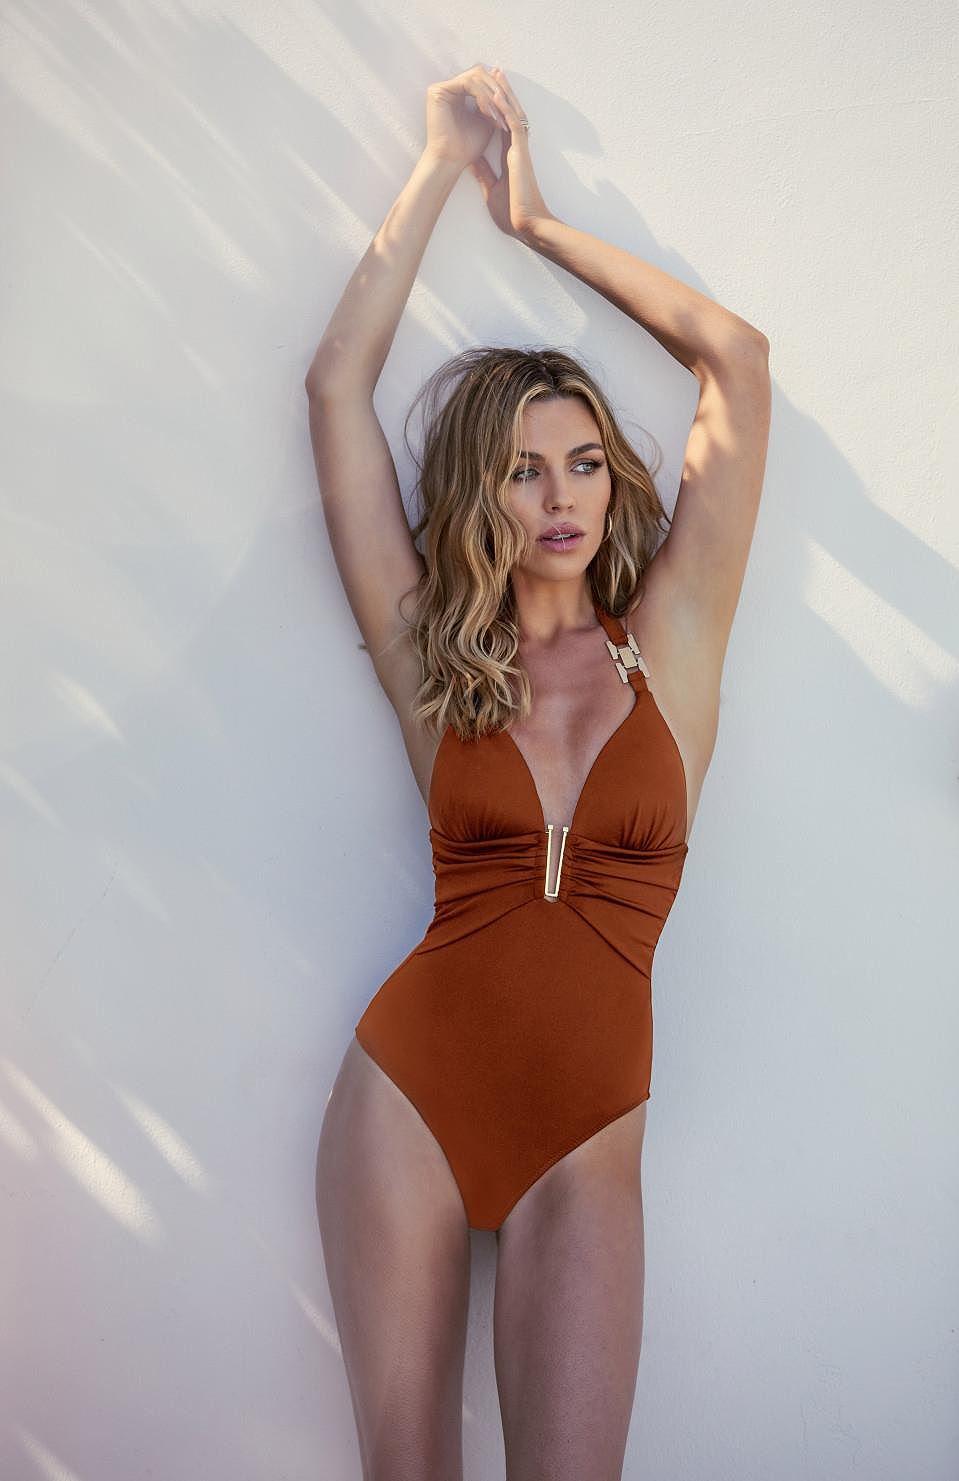 Abbey Clancy tung ảnh bikini khoe đường cong chuẩn từng centimet - Hình 11